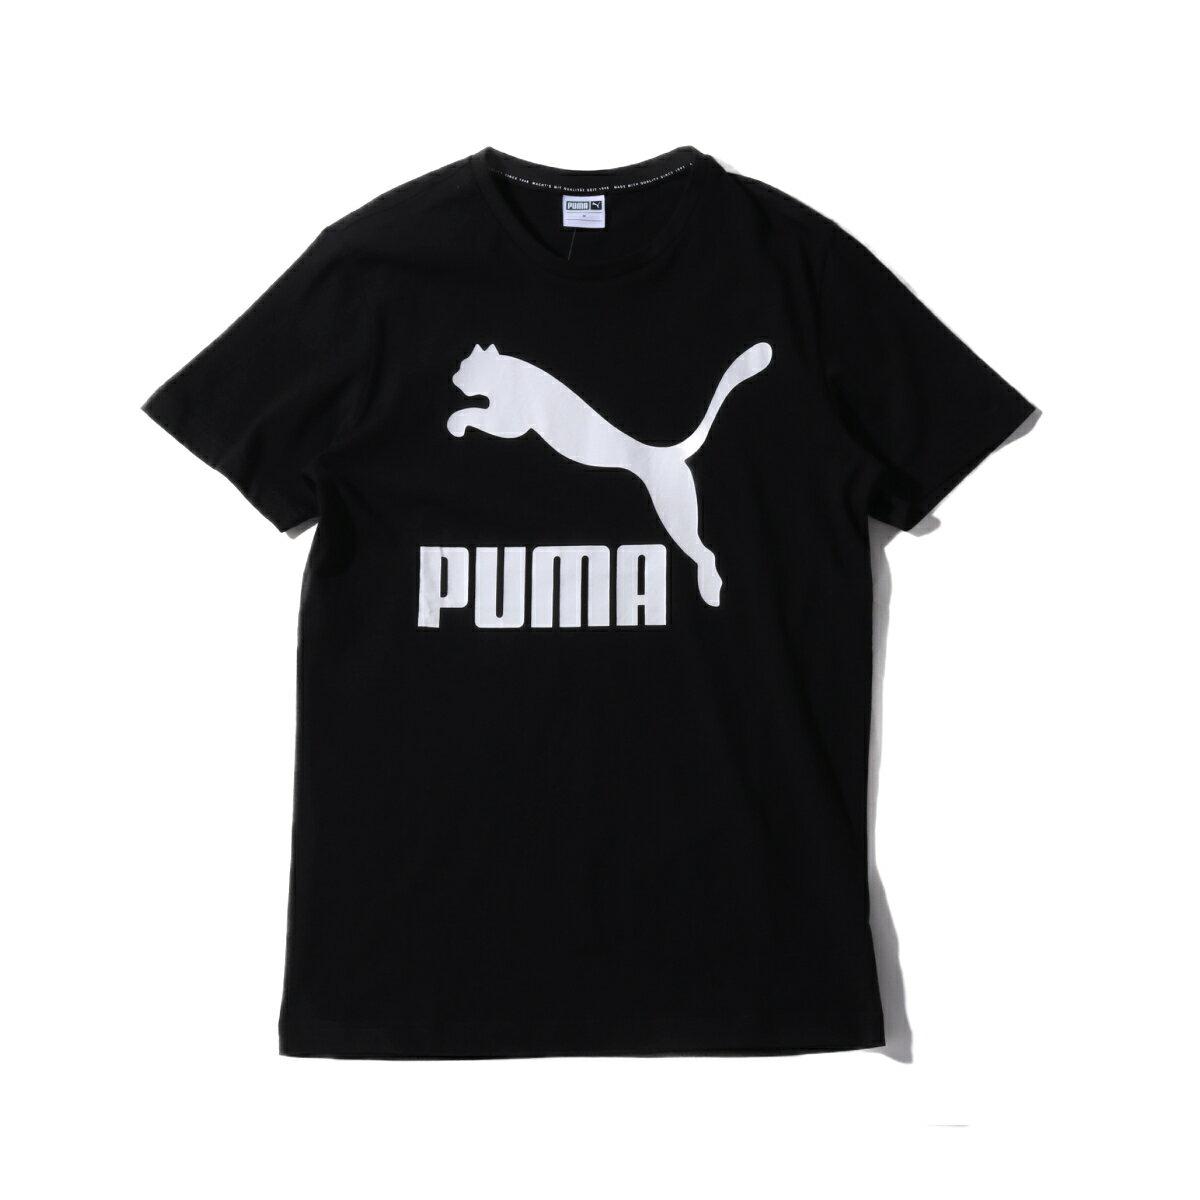 トップス, Tシャツ・カットソー PUMA CLASSIC LOGO SS TEE atmos( )BLACK T19SP-S